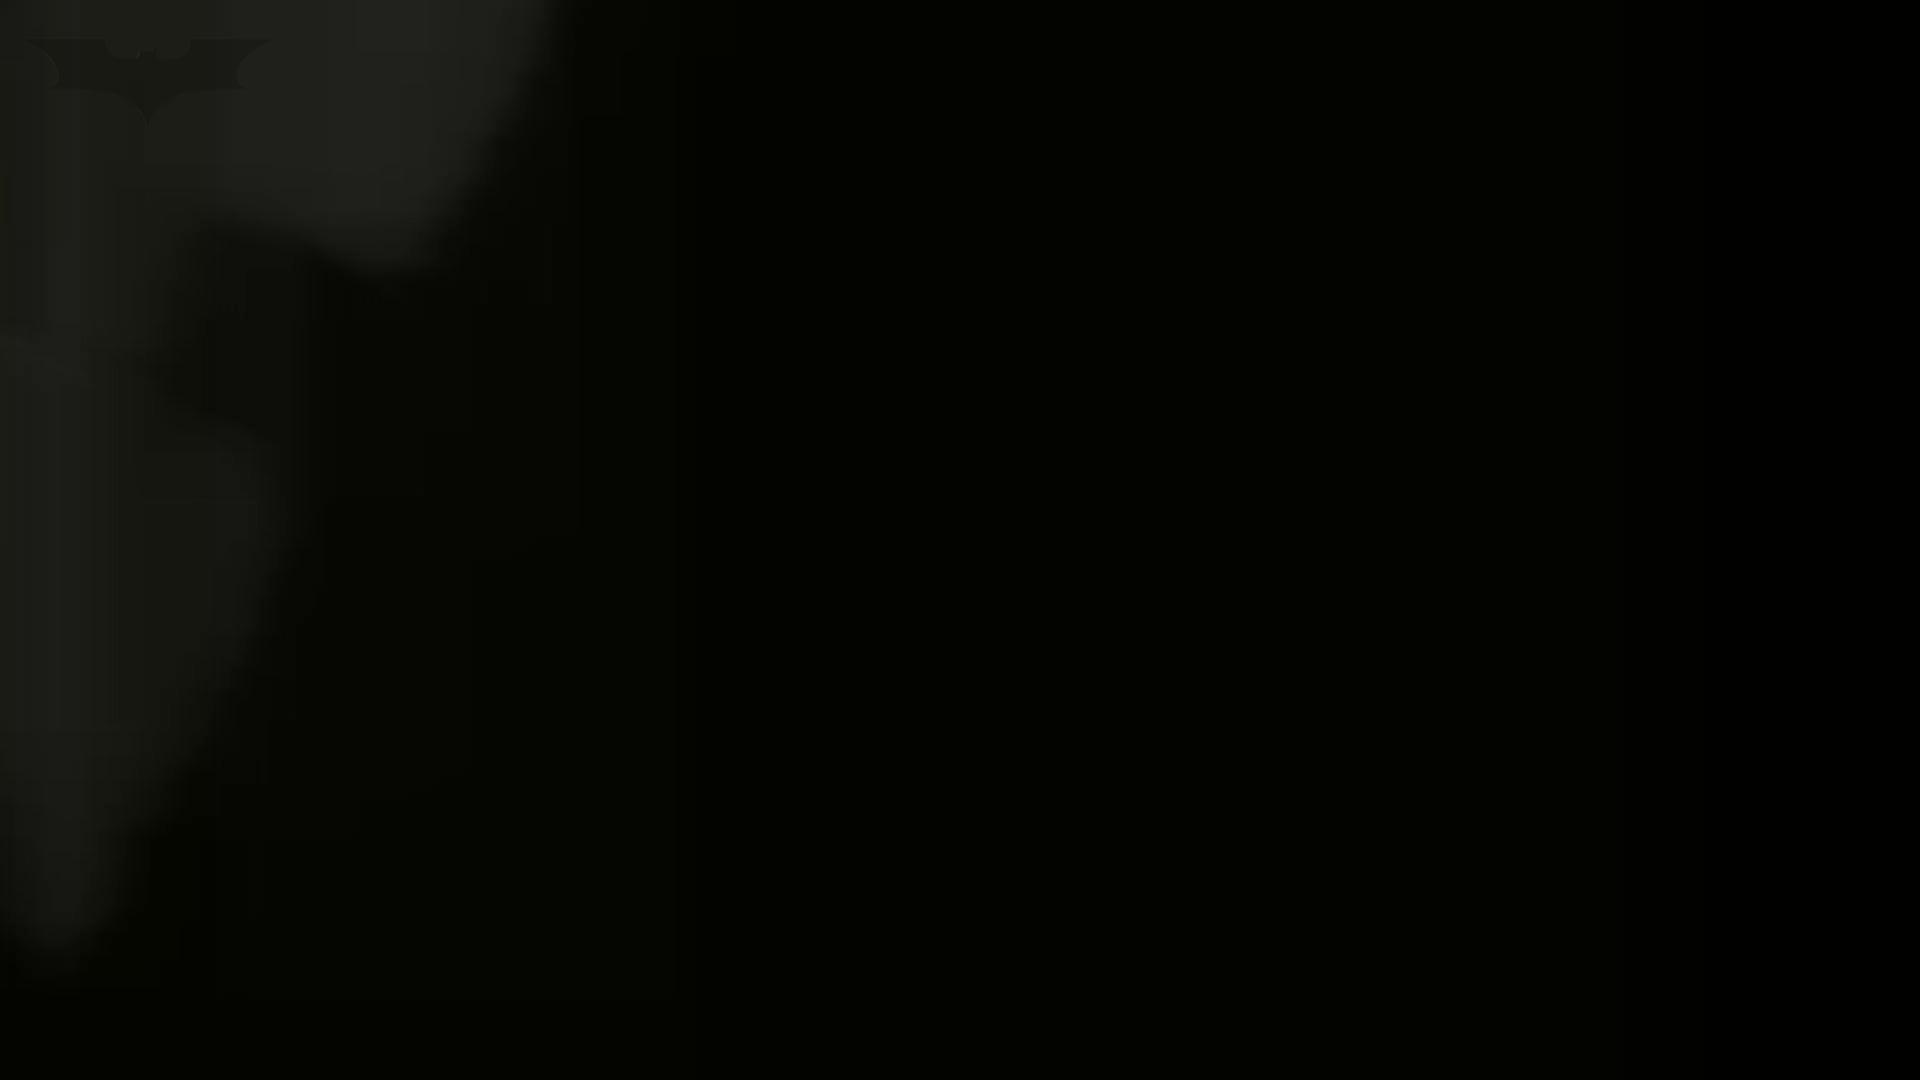 洗面所特攻隊 vol.74 last 2総勢16名激撮【2015・29位】 洗面所 | エッチすぎるOL達  105連発 37